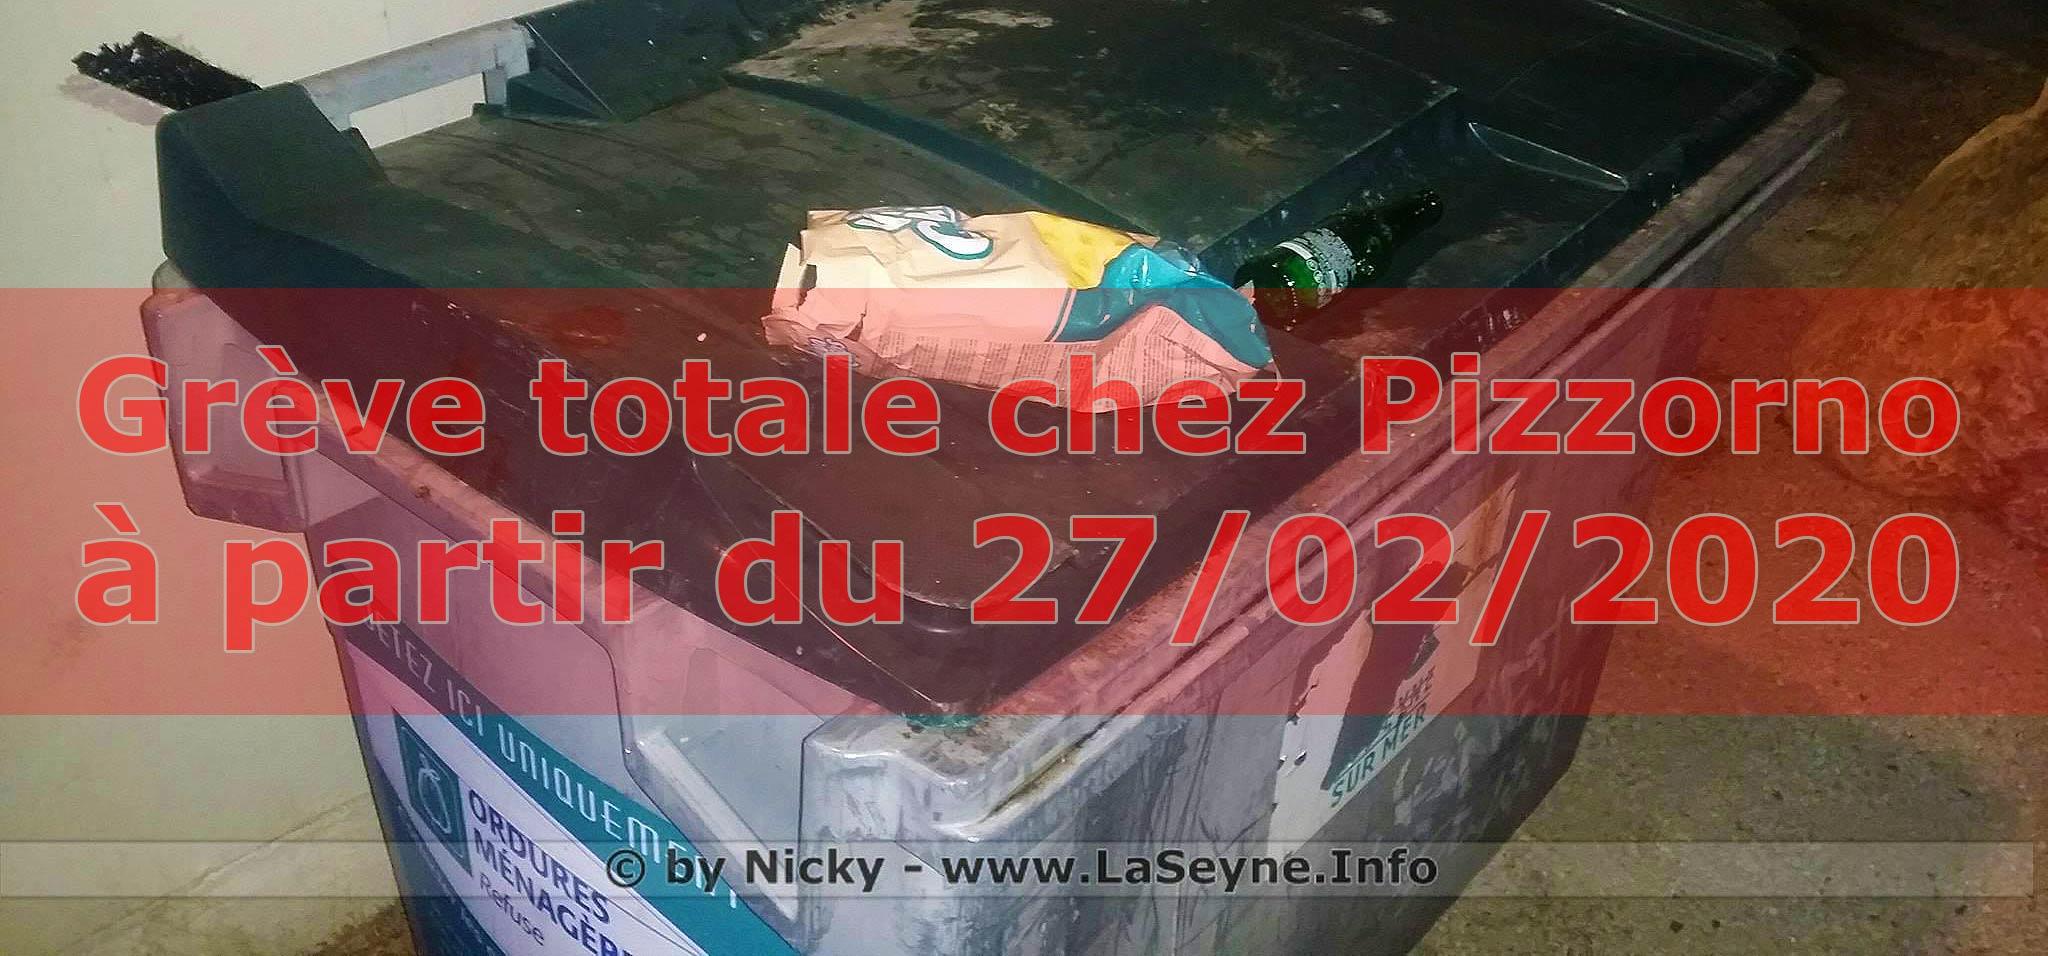 Grève totale chez Pizzorno, à partir du 27/02/2020